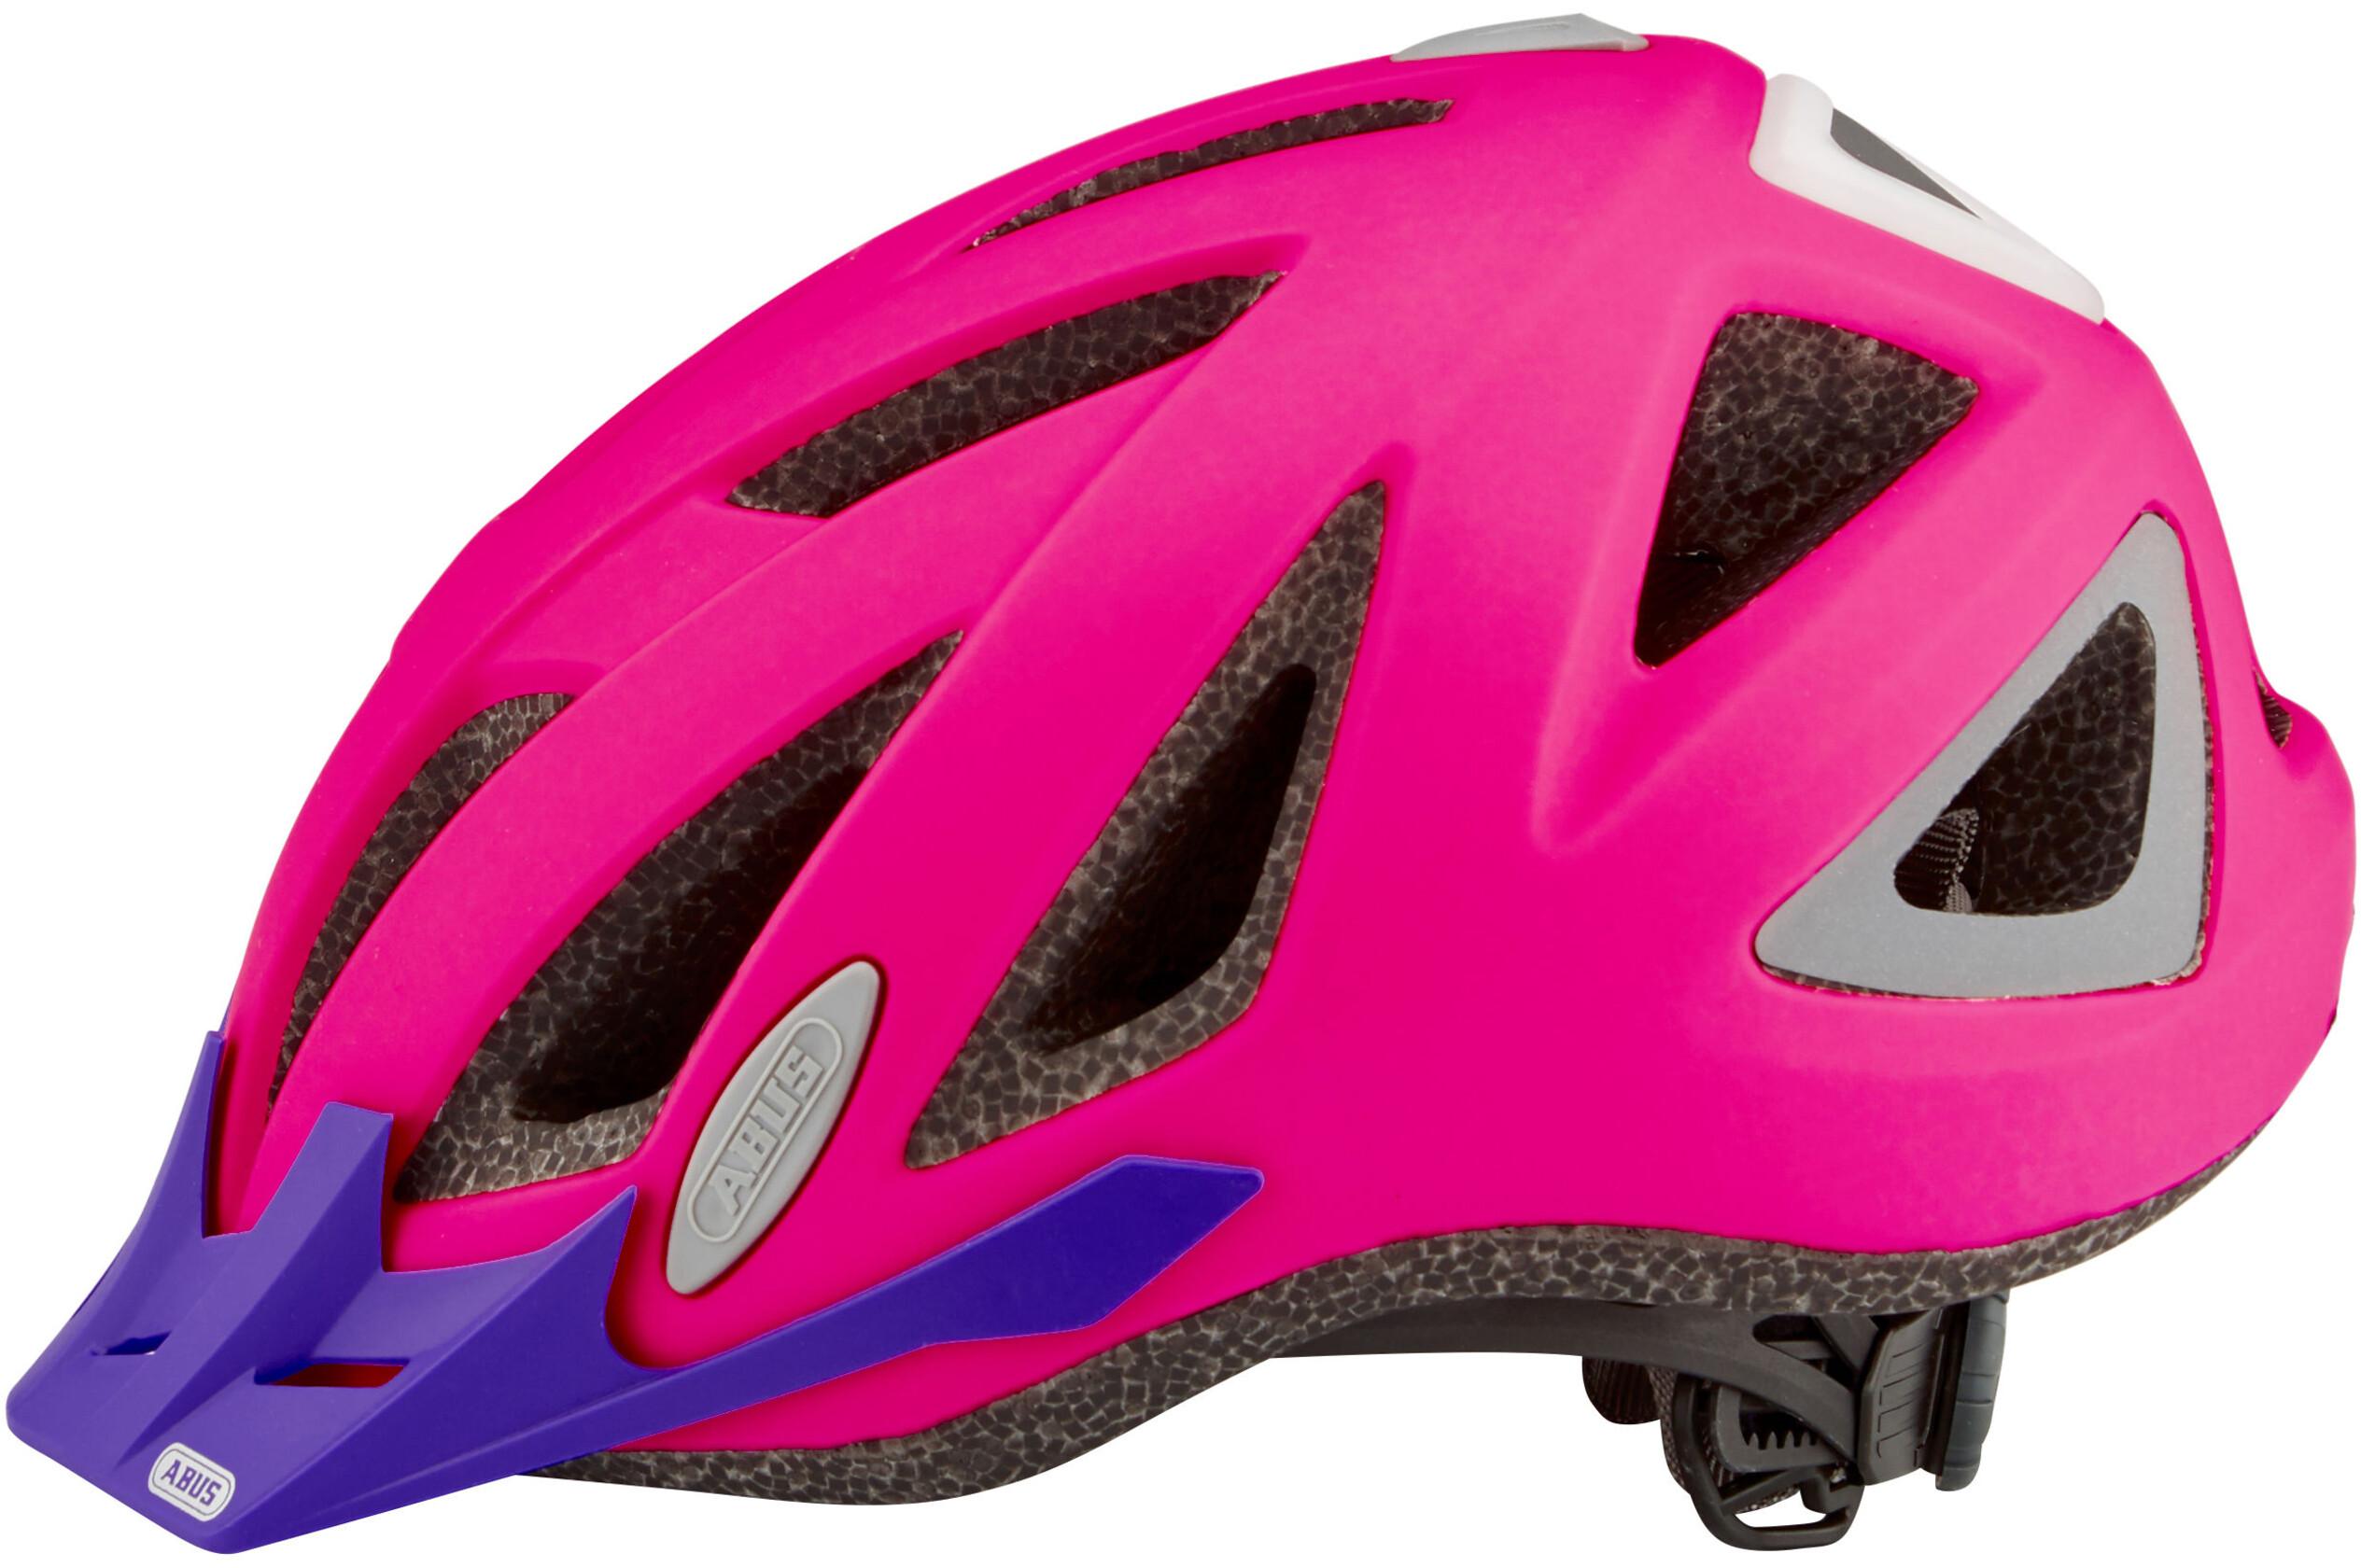 abus urban i 2 0 helmet neon pink online kaufen bei bikester. Black Bedroom Furniture Sets. Home Design Ideas